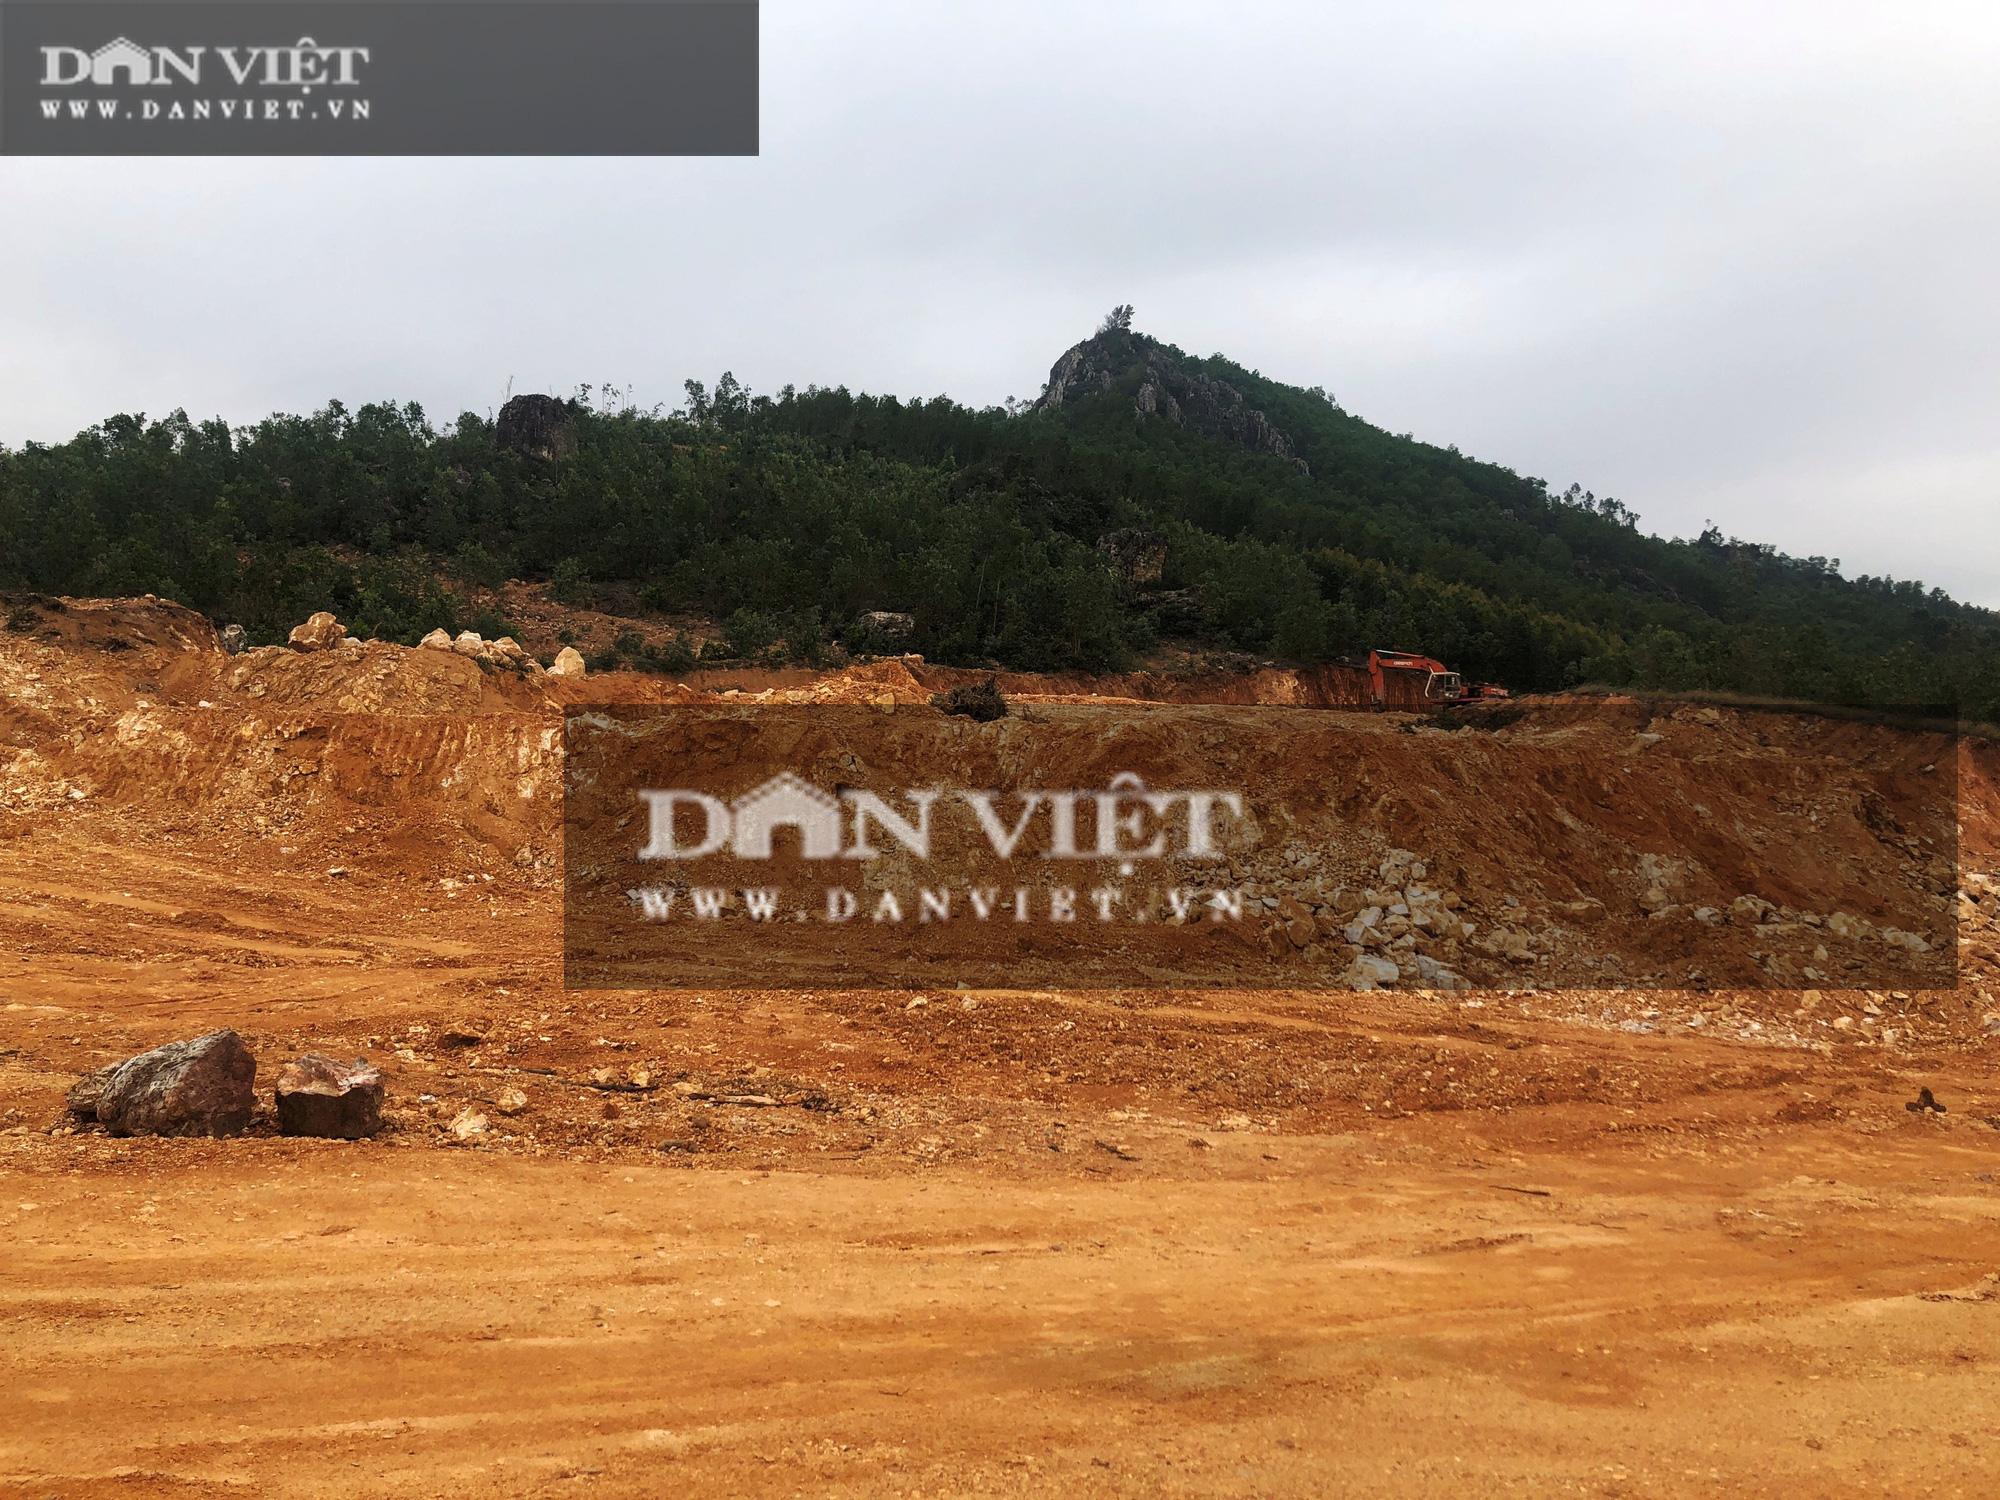 """Dùng """"đất lậu""""… thi công công trình Nhà nước hơn 12 tỷ đồng ở Bình Định: Có thể bị khởi tố? - Ảnh 3."""